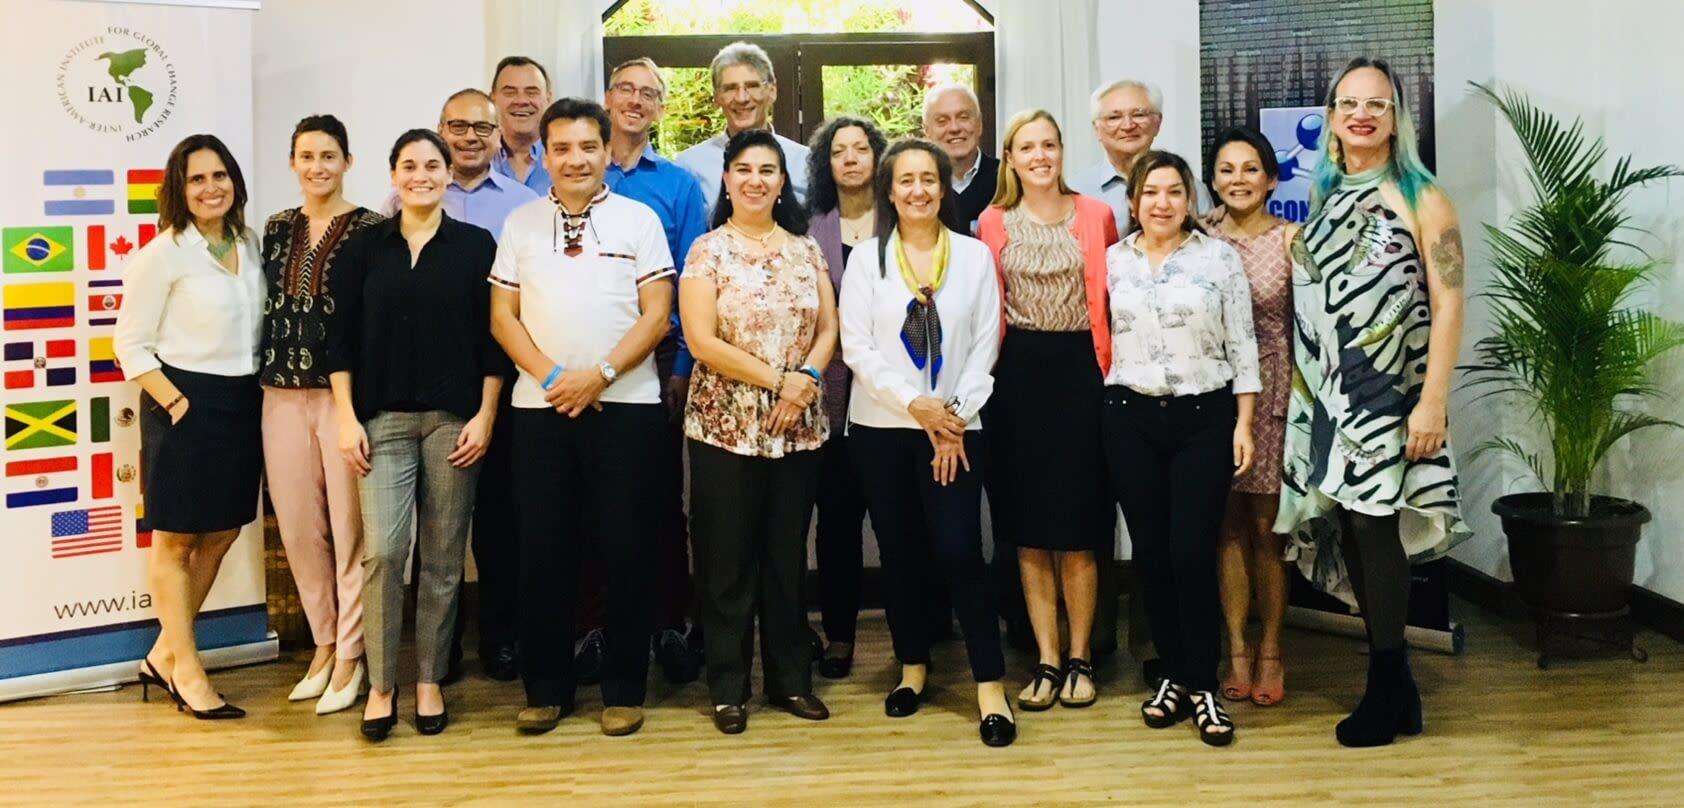 Reunión de científicos por el cambio climático